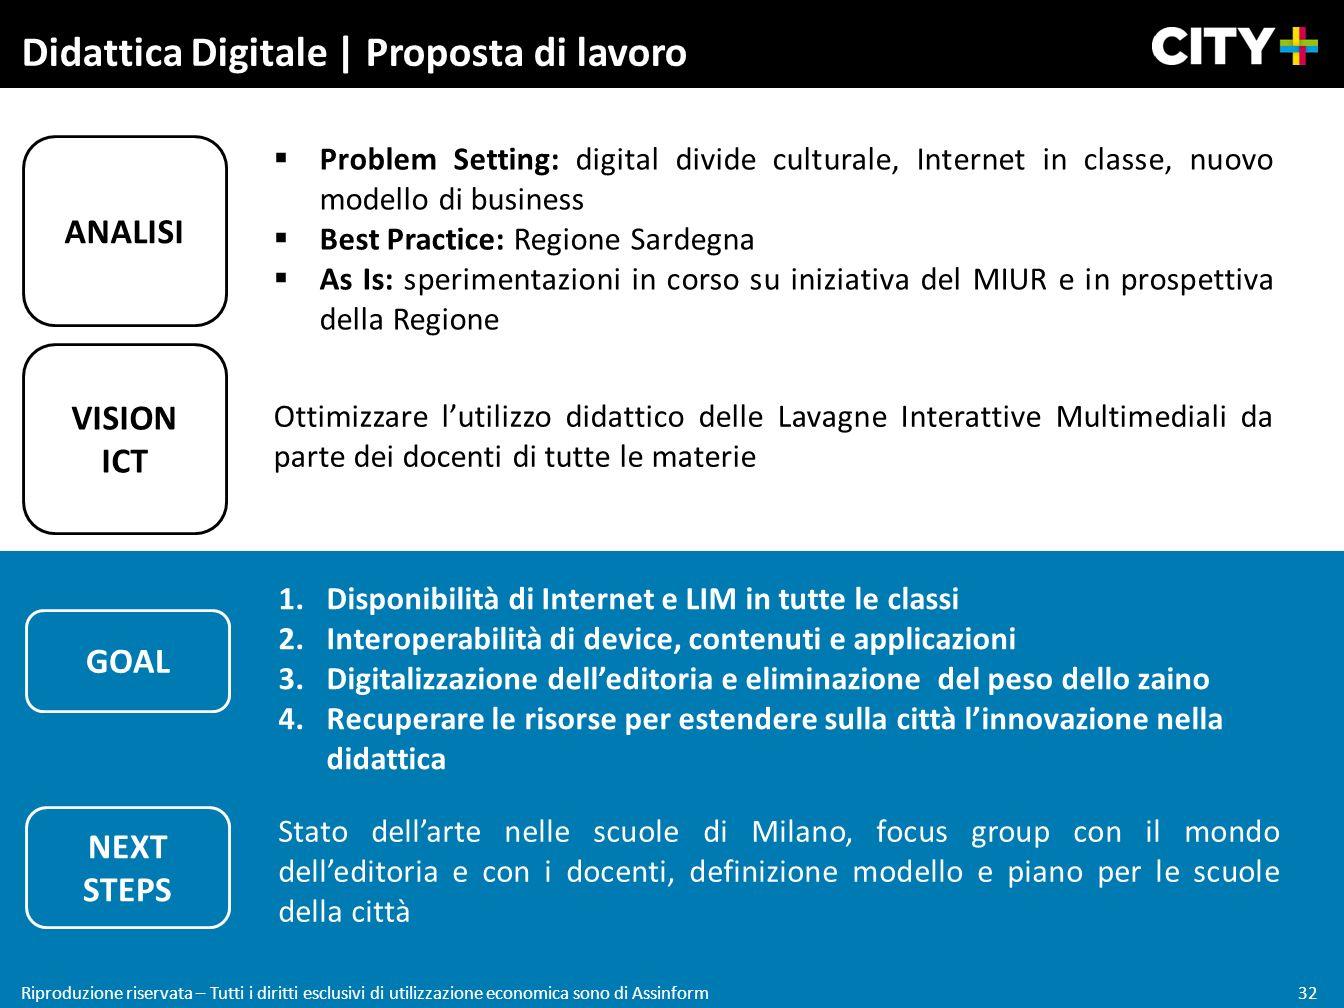 Didattica Digitale | Proposta di lavoro